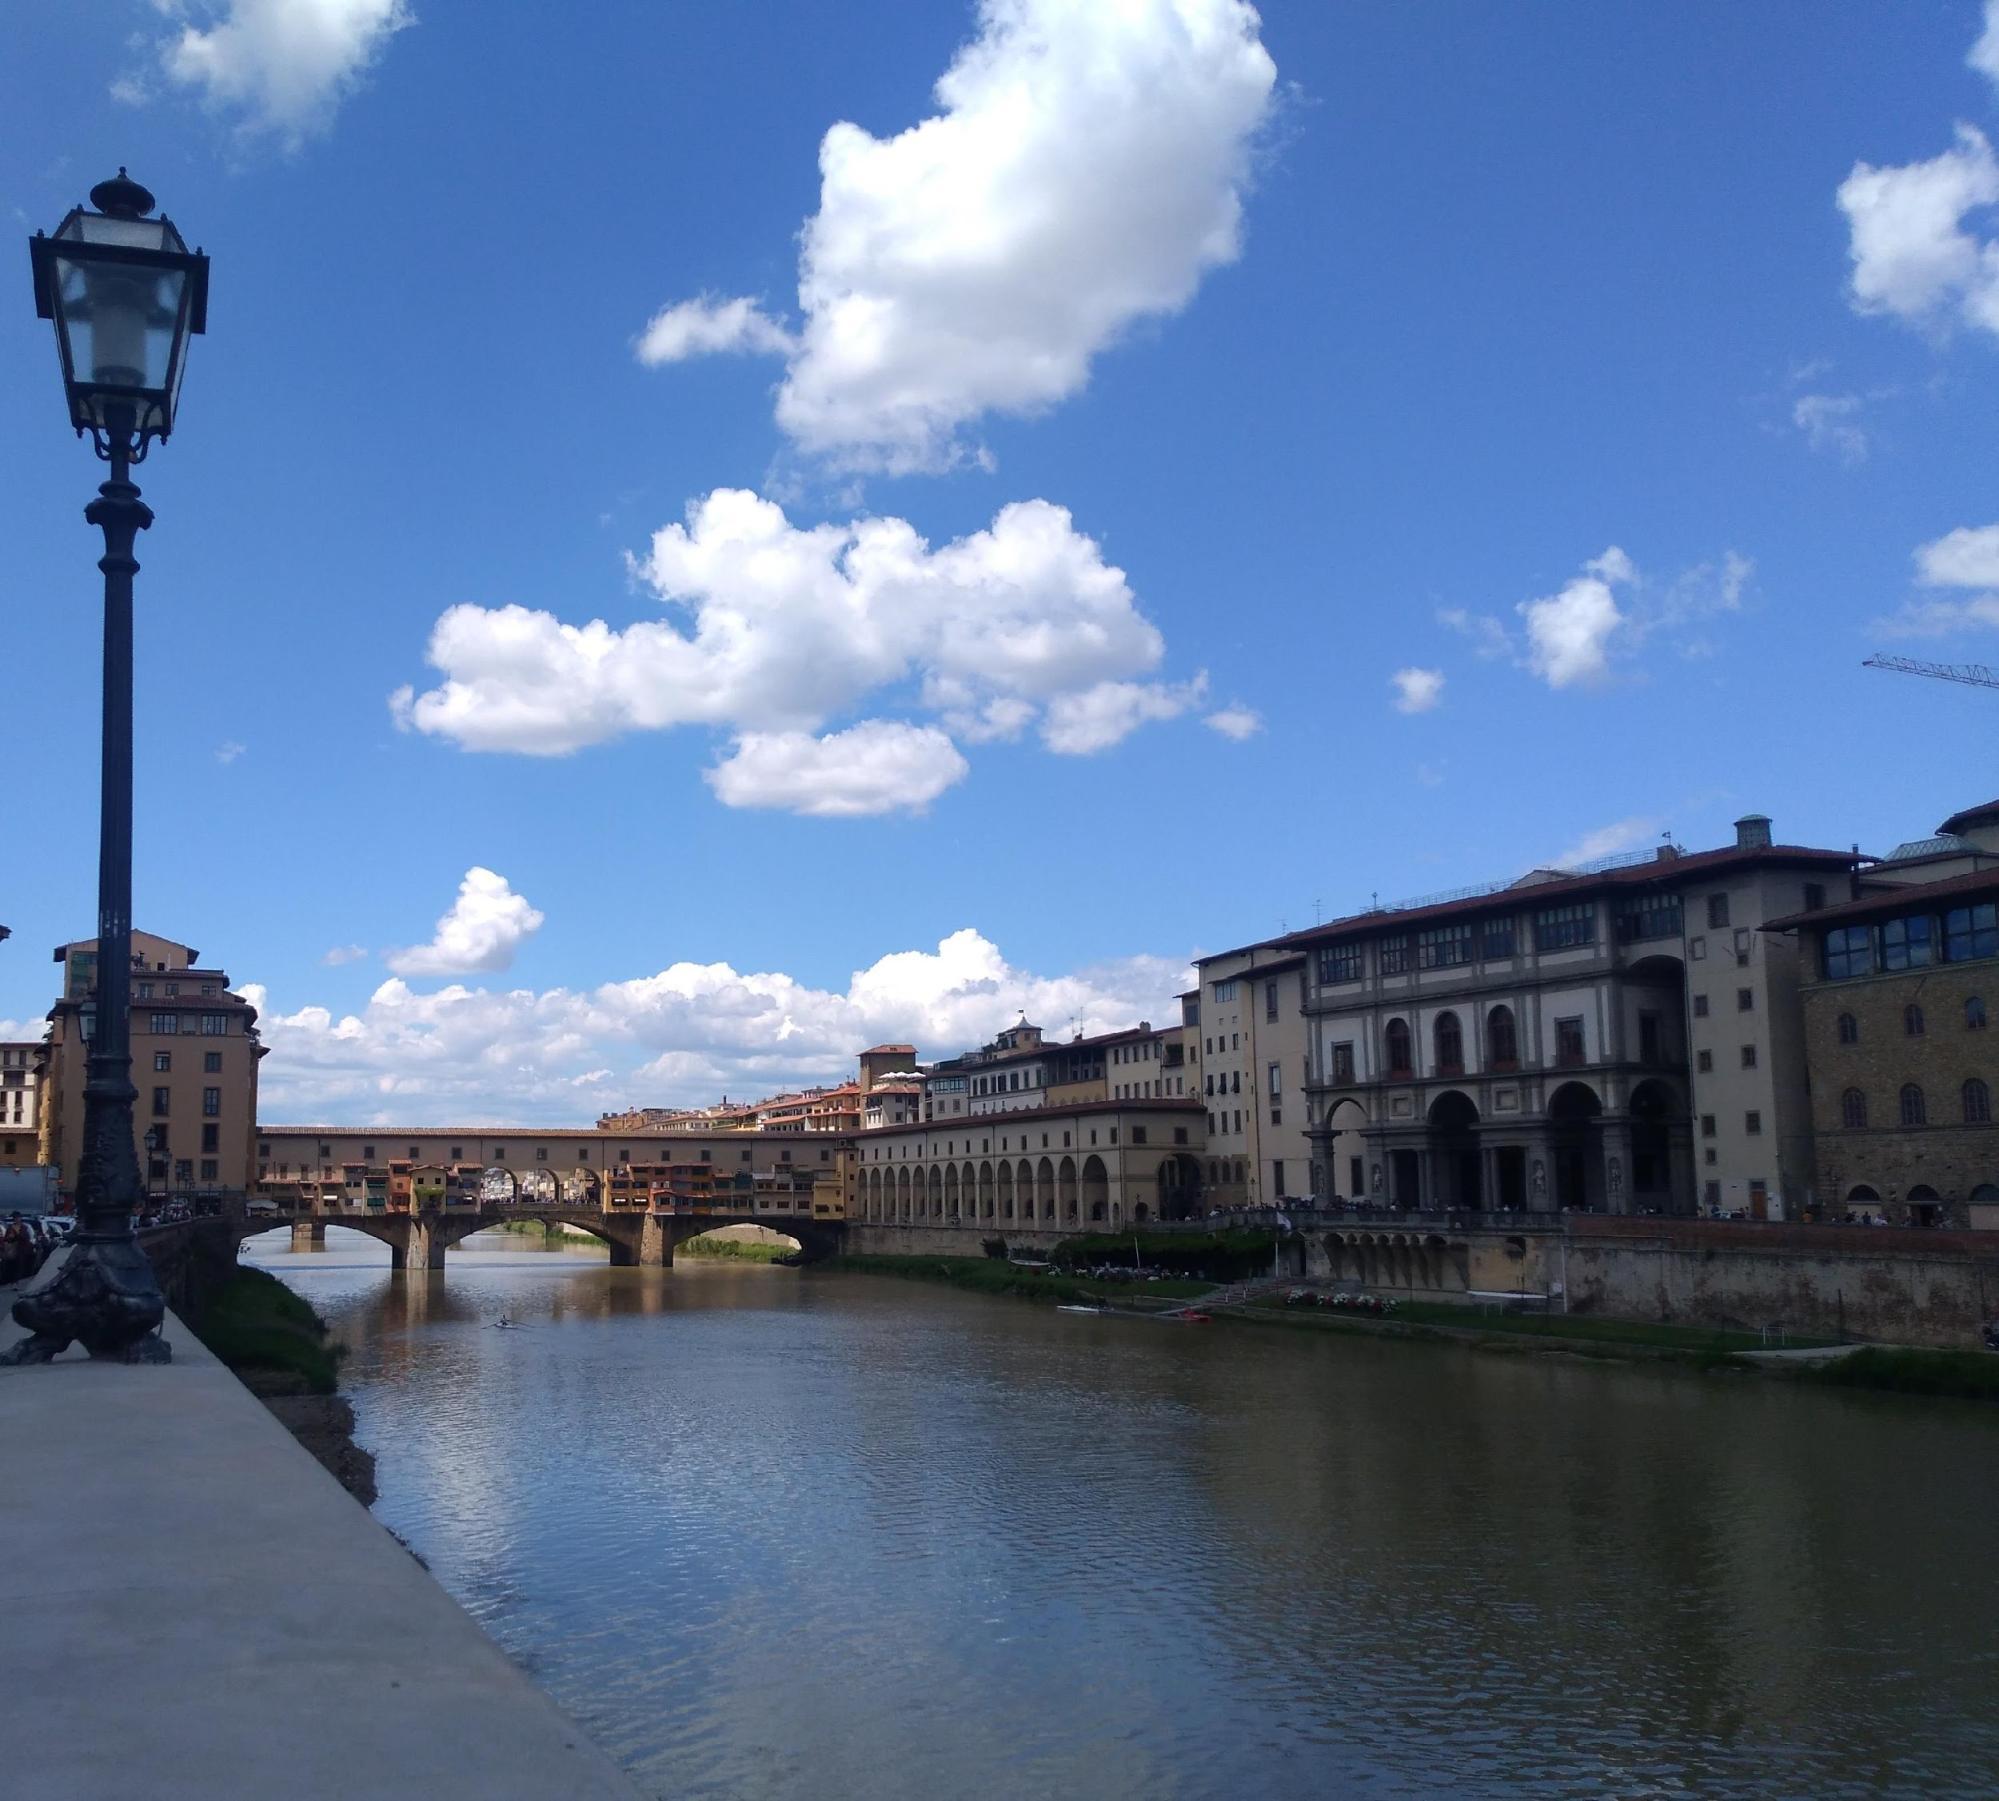 フィレンツェの夏: 6月・7月・8月の天気と気候